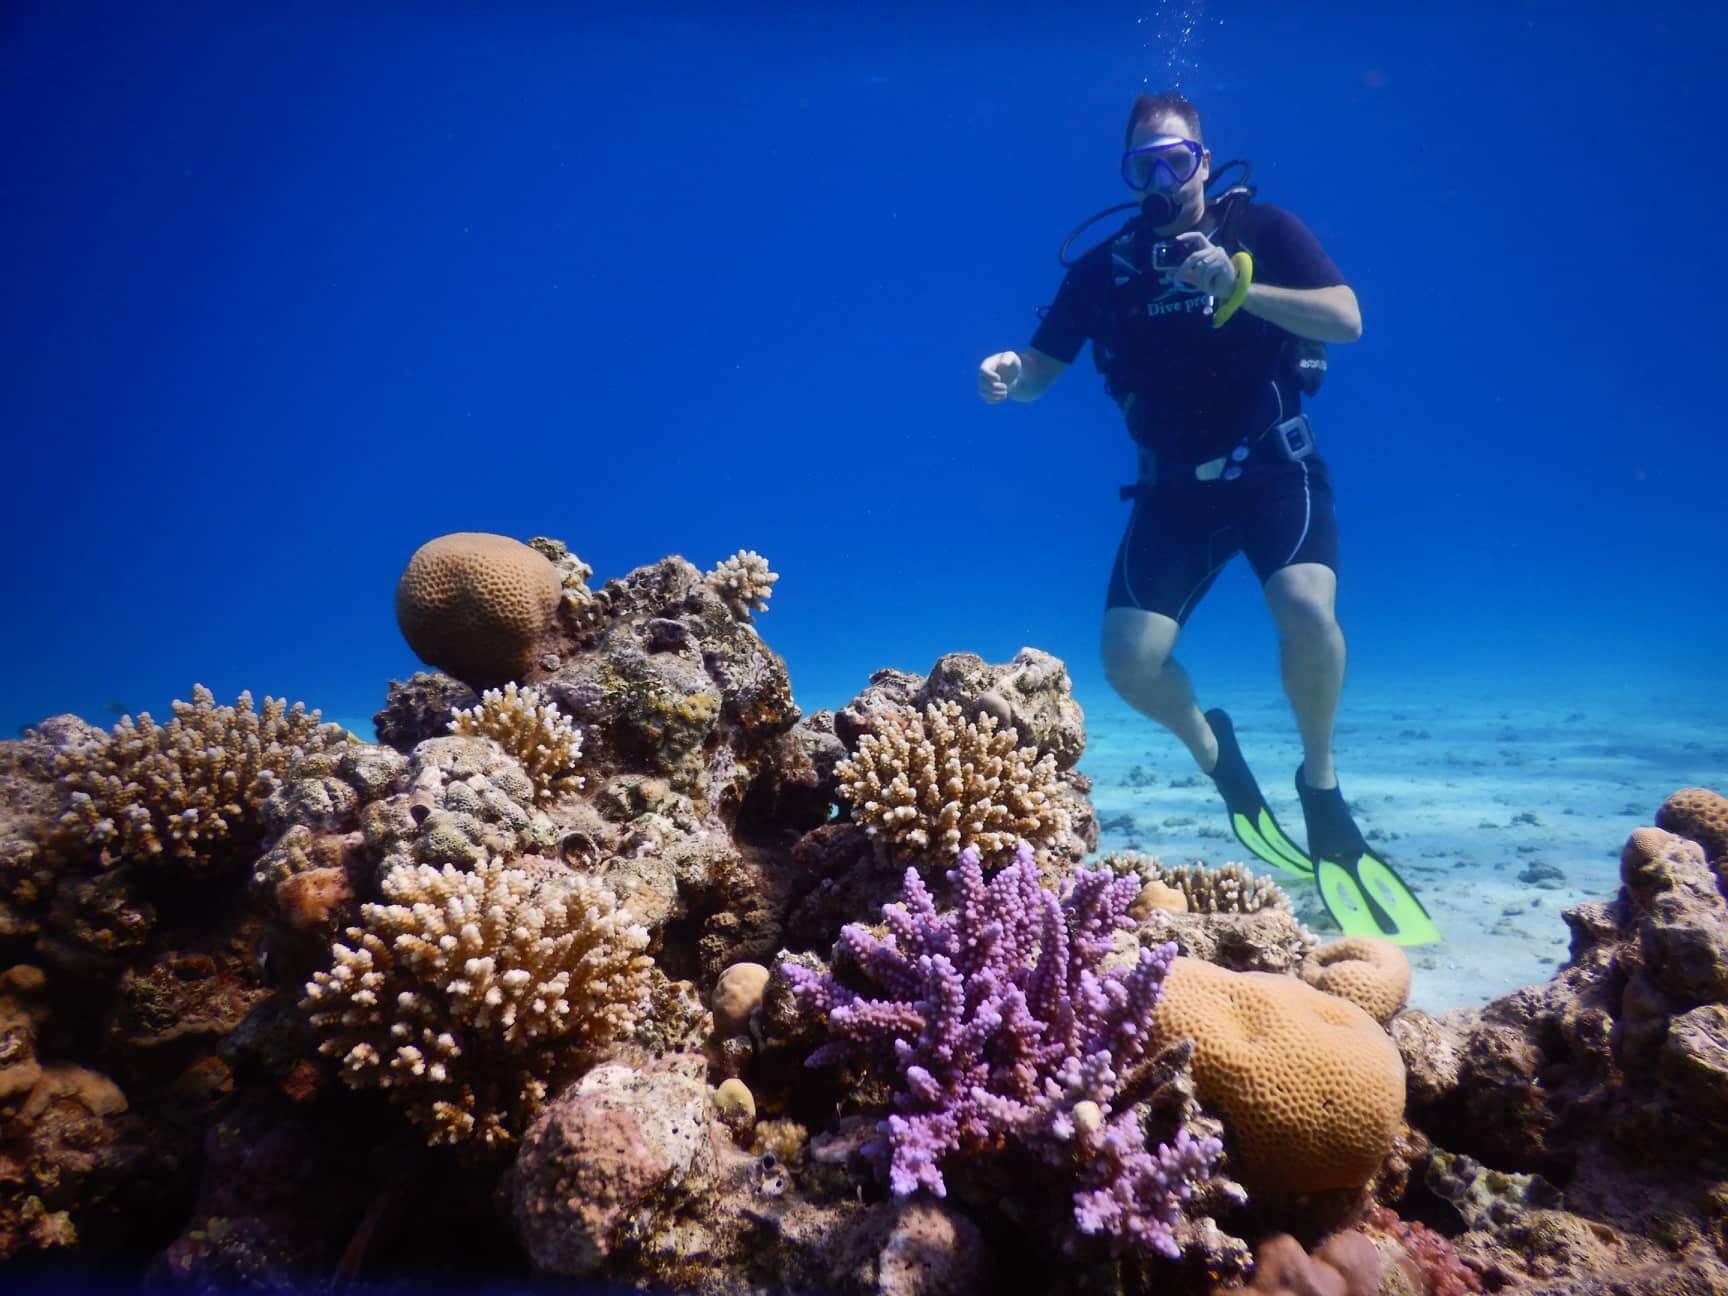 Egypt-REDSEA-Hurghada-DivePro-Academy-Scuba-Diving-Center-Coral-Reef-Scuba-Diver-6